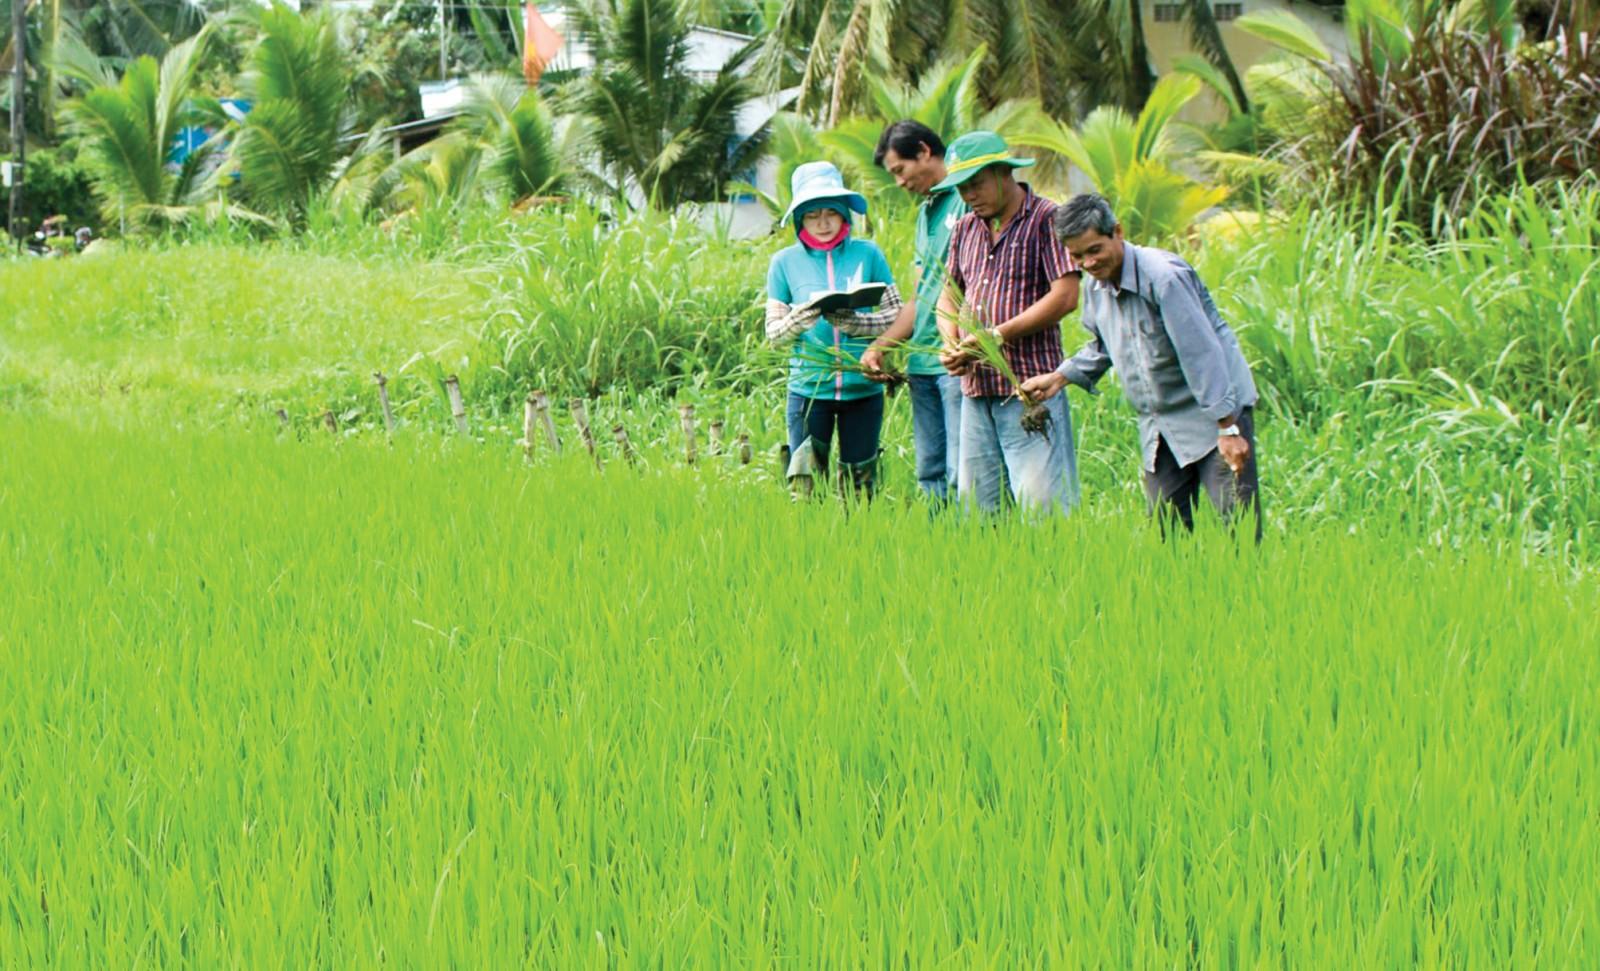 Nông dân huyện Vũng Liêm, tỉnh Vĩnh Long giảm lượng giống lúa gieo sạ xuống còn 80-120kg/ha. Ảnh: MINH HUYỀN